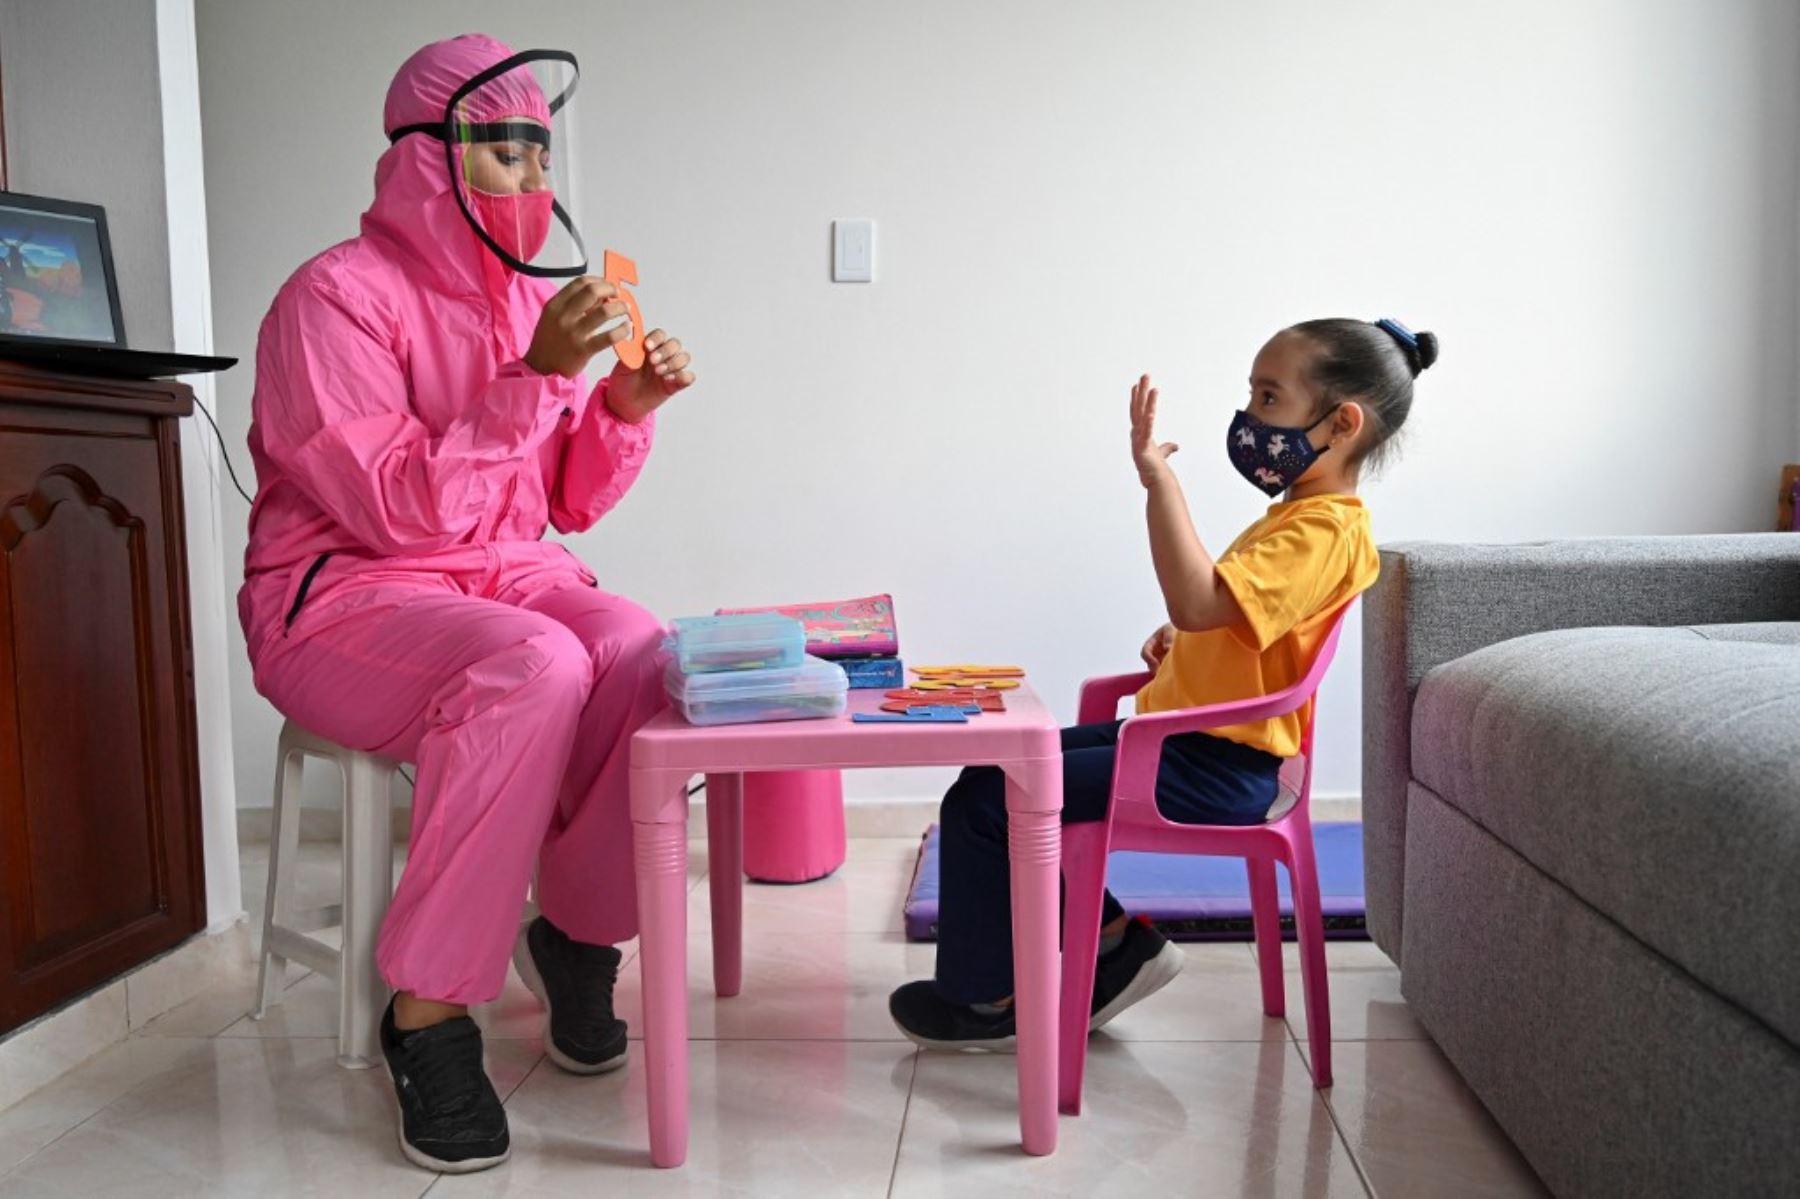 Una maestra que usa un traje de bioseguridad como medida preventiva contra la propagación del nuevo coronavirus, covid-19, da una clase a una niña en su casa en Cali, Colombia. Foto: AFP